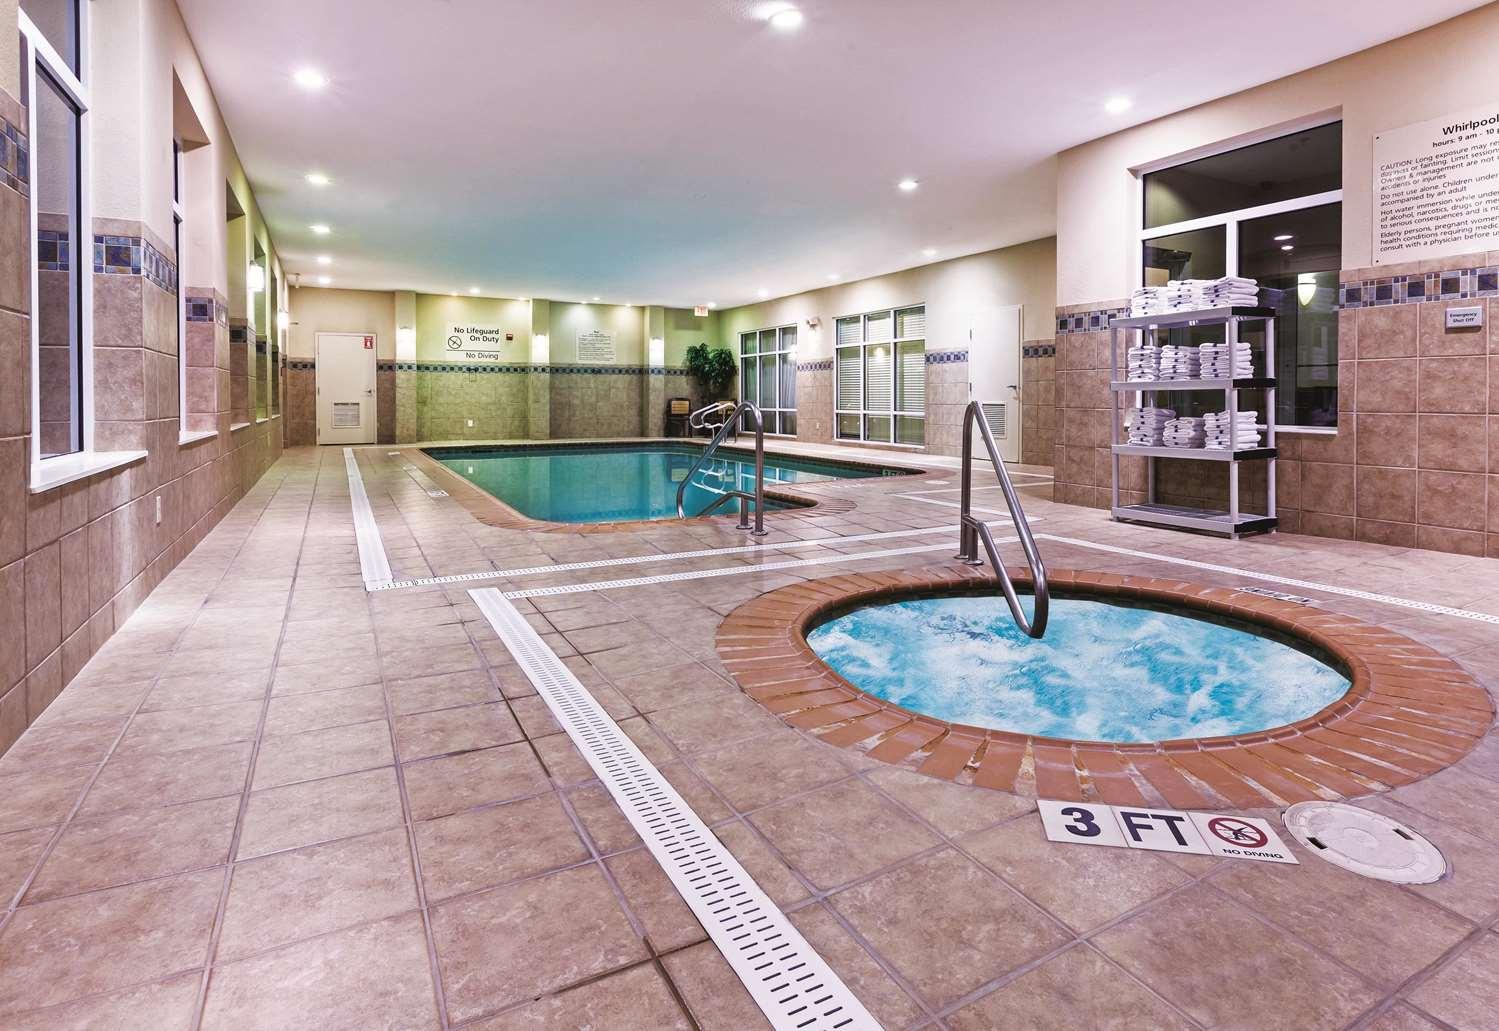 Pool - La Quinta Inn & Suites North Padre Island Corpus Christi